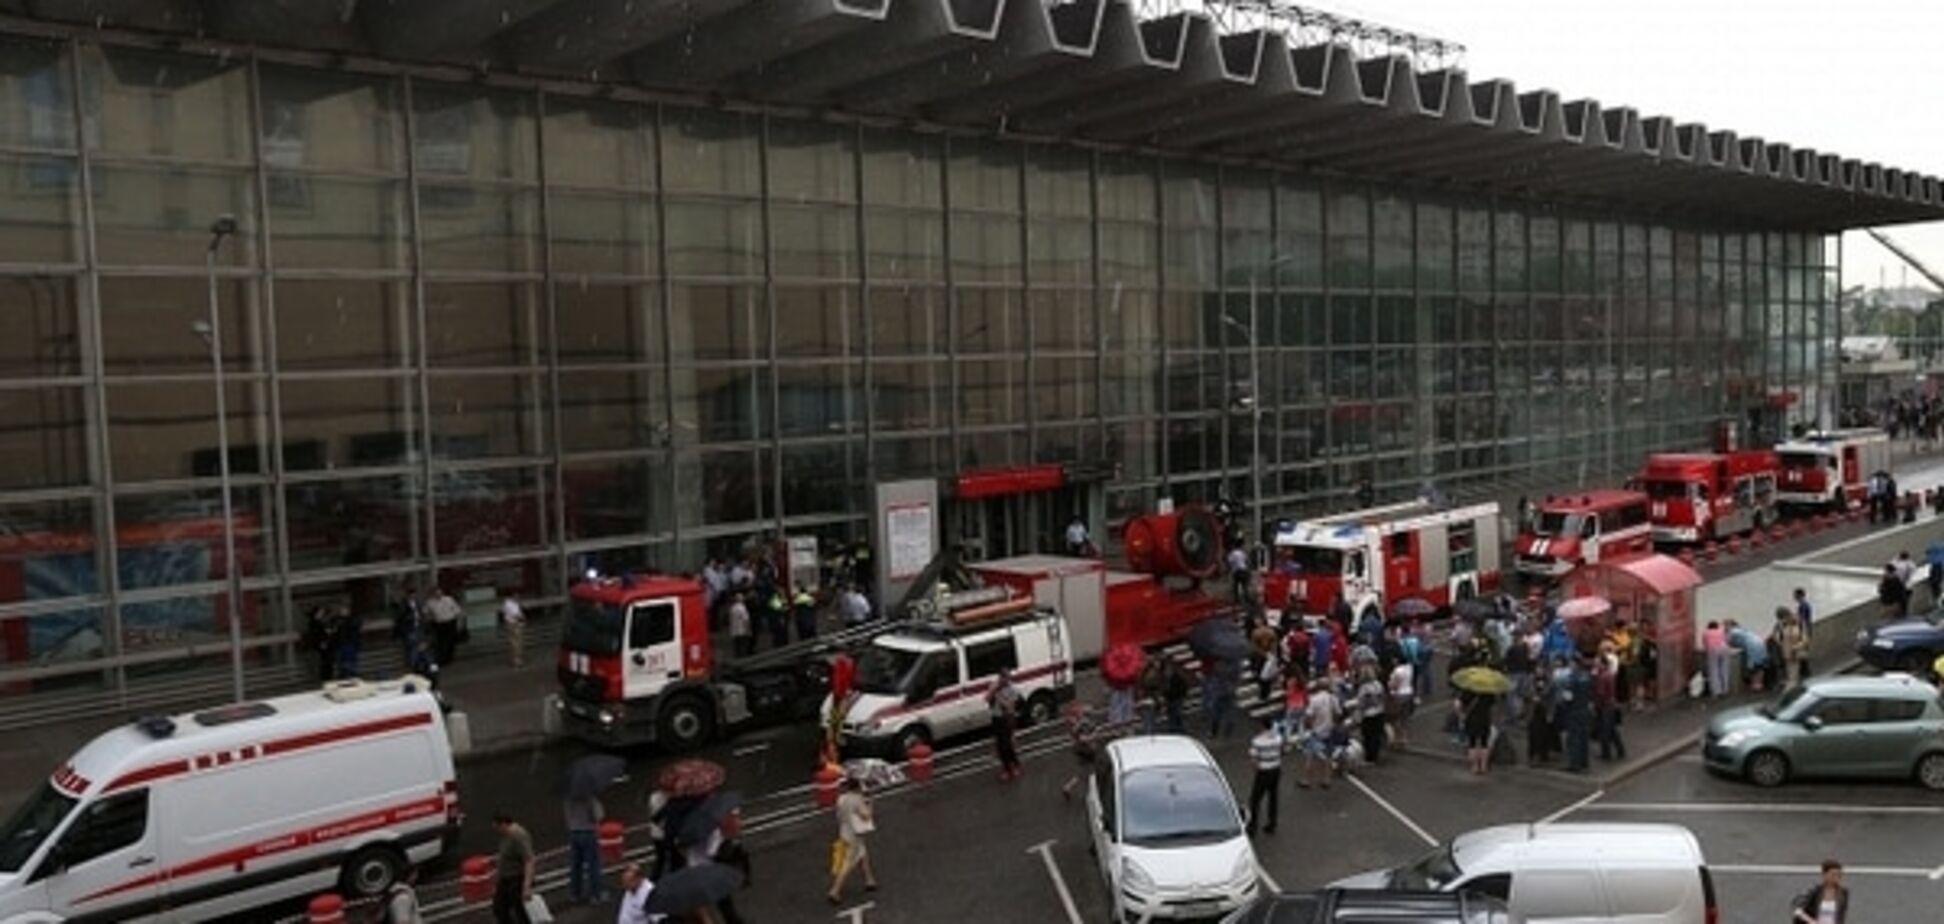 Загроза теракту: сотні людей евакуювали з Курського вокзалу в Москві